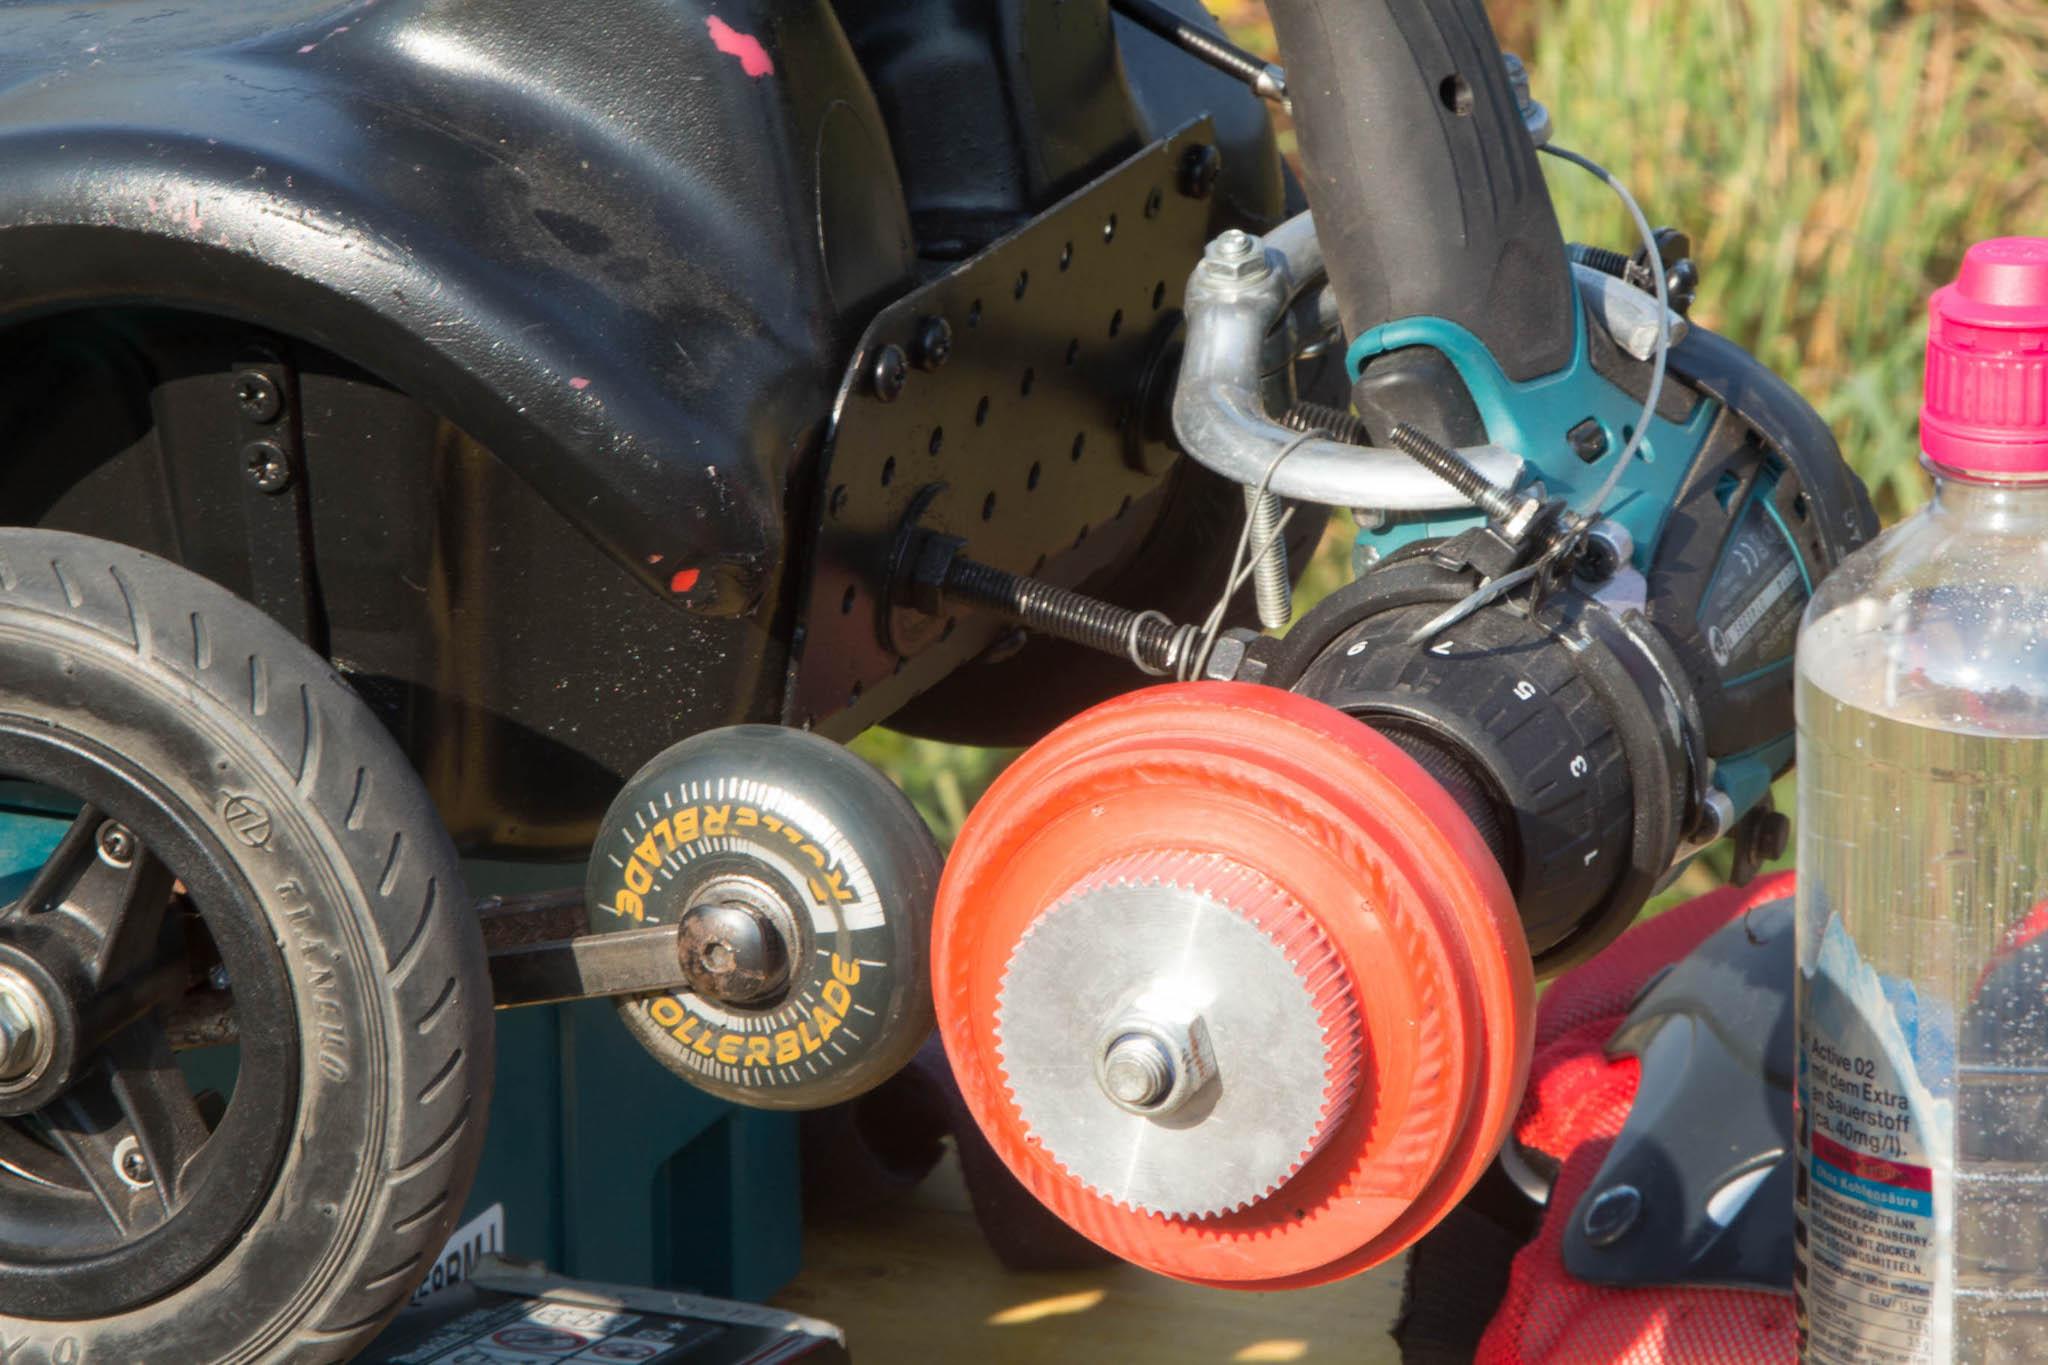 Bobbycar extrem: Gas geben mit der Fahrradbremse -